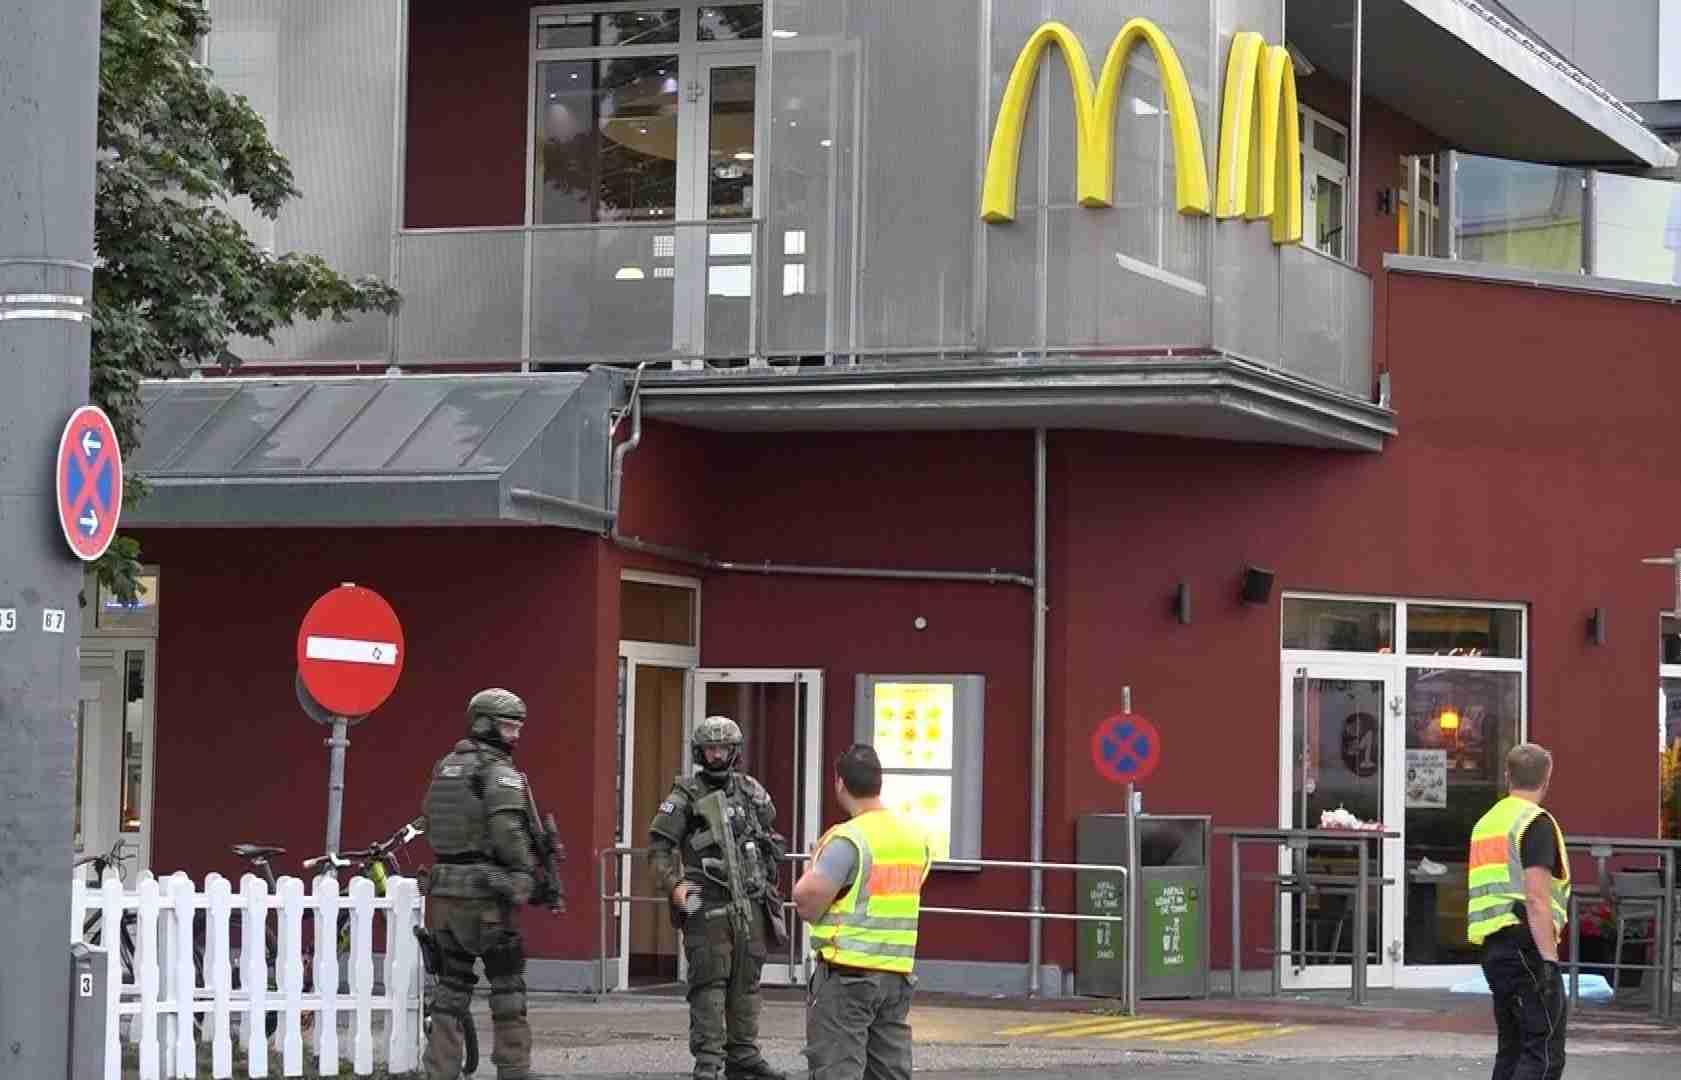 <独銃乱射>「バーガー店で食べる子供の顔に発砲とは…」 (毎日新聞) - Yahoo!ニュース